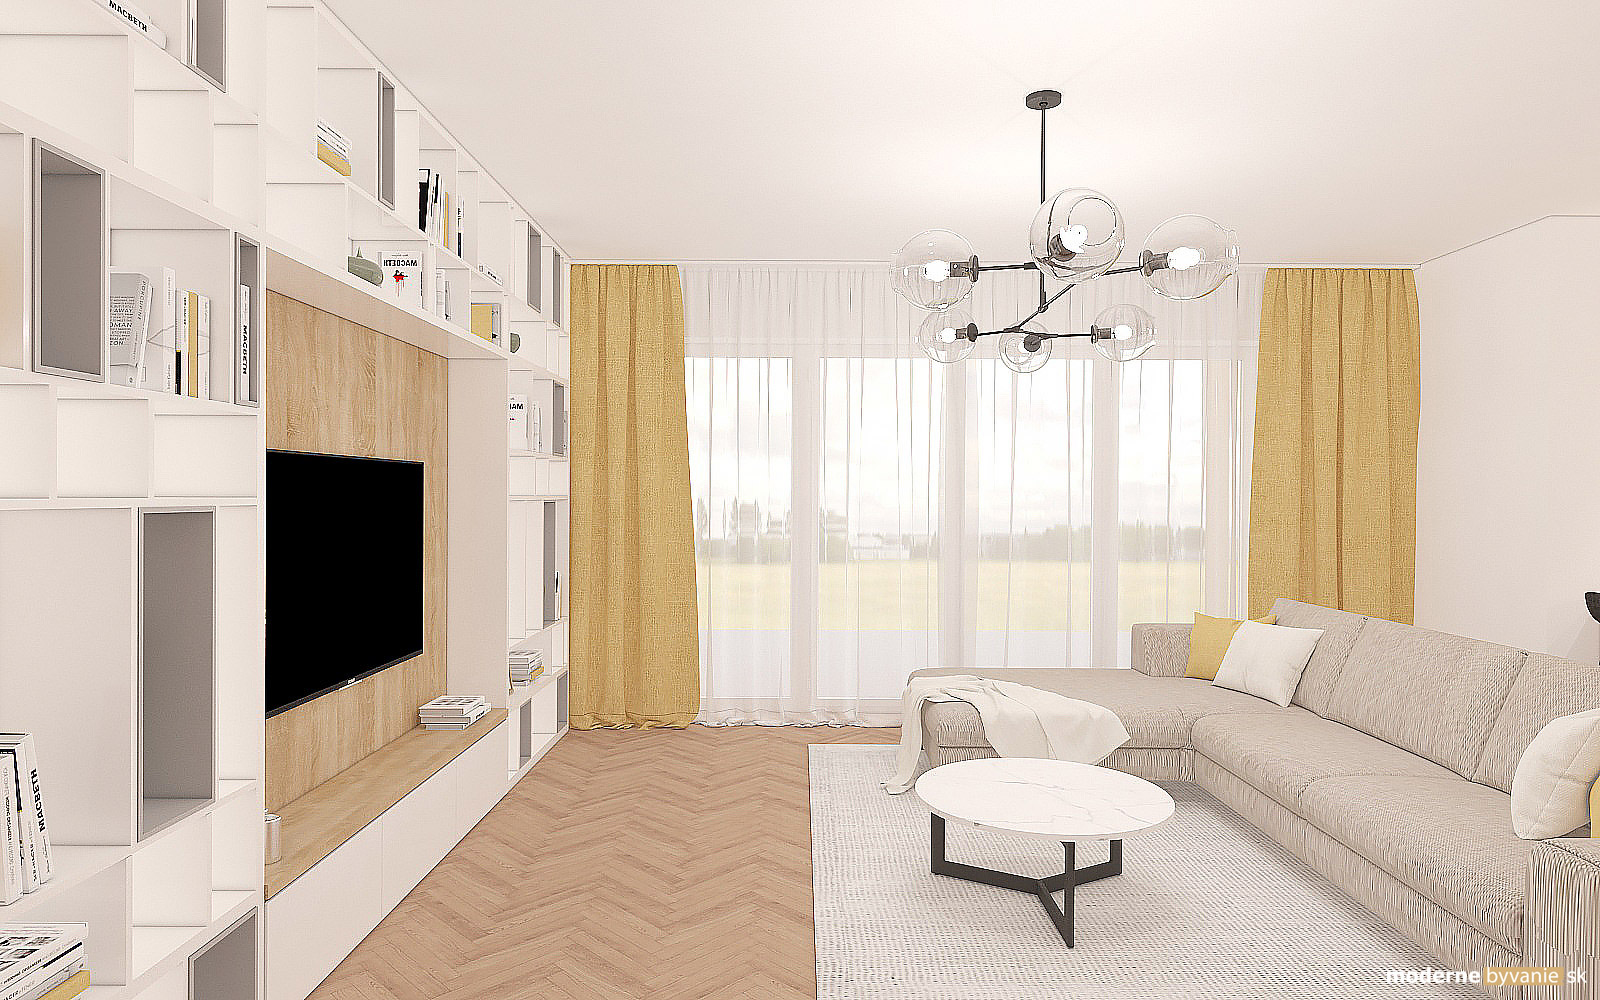 Návrh interiéru-Obývačka-Návrh interiéru domu v Cíferi